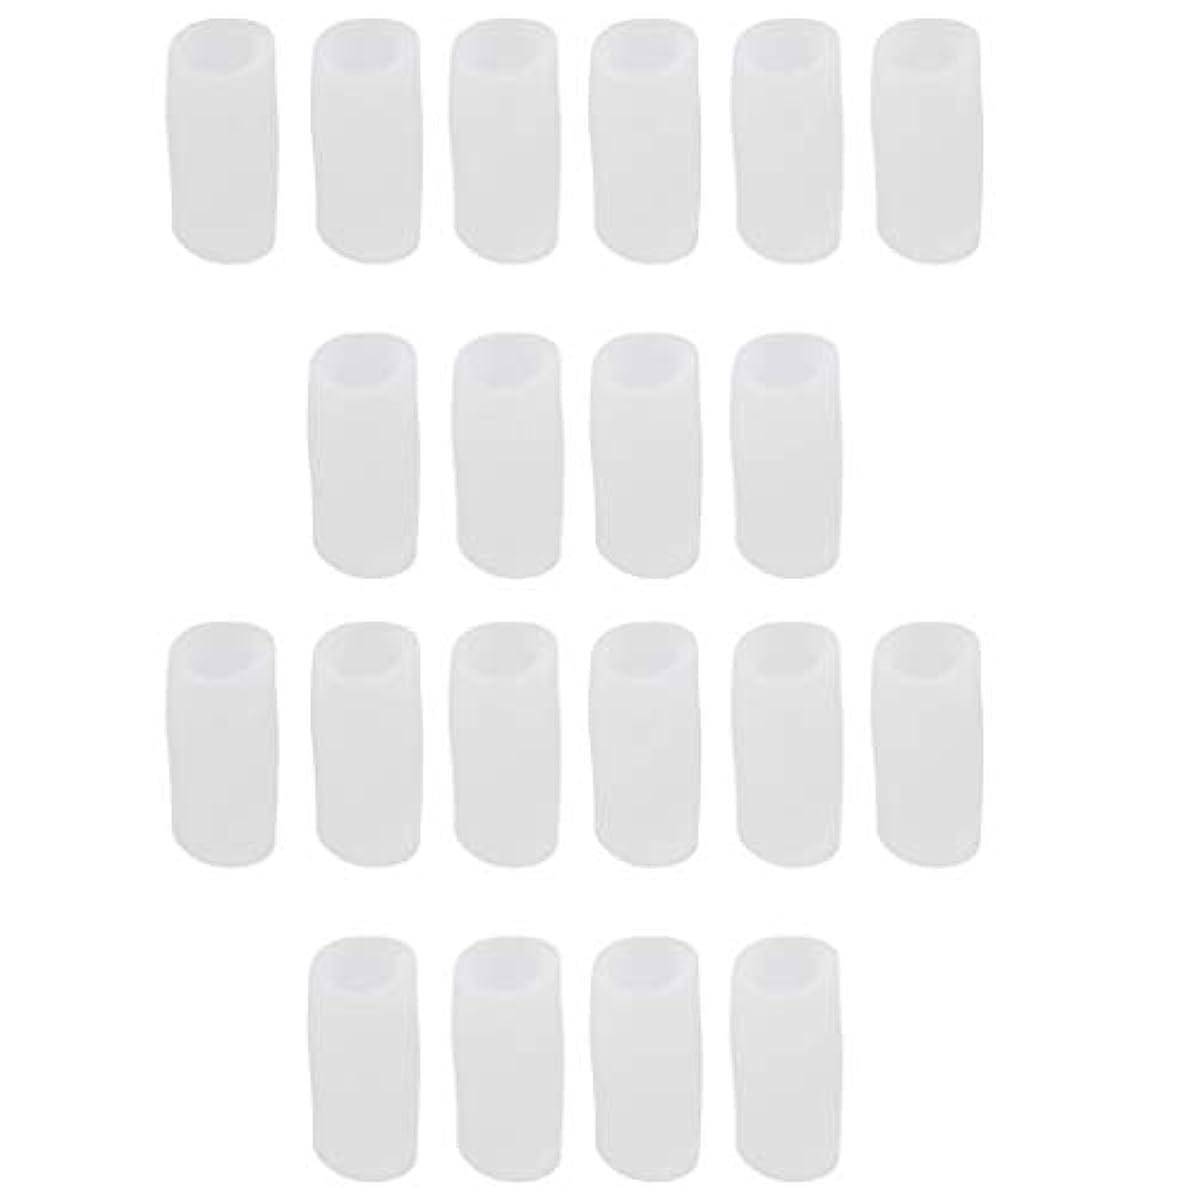 くびれた郵便物爬虫類足指保護キャップ つま先プロテクター つま先 キャップ シリカゲル 柔軟性 洗える 20個 全2サイズ - S